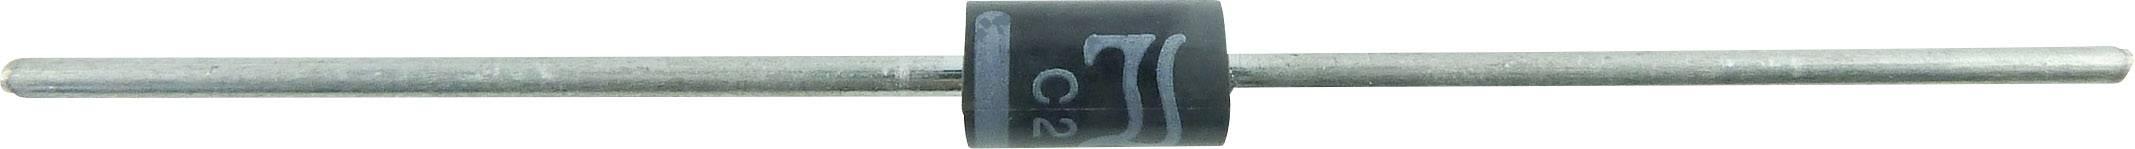 Schottkyho usmerňovacia dióda Diotec SB330, 3 A, 30 V